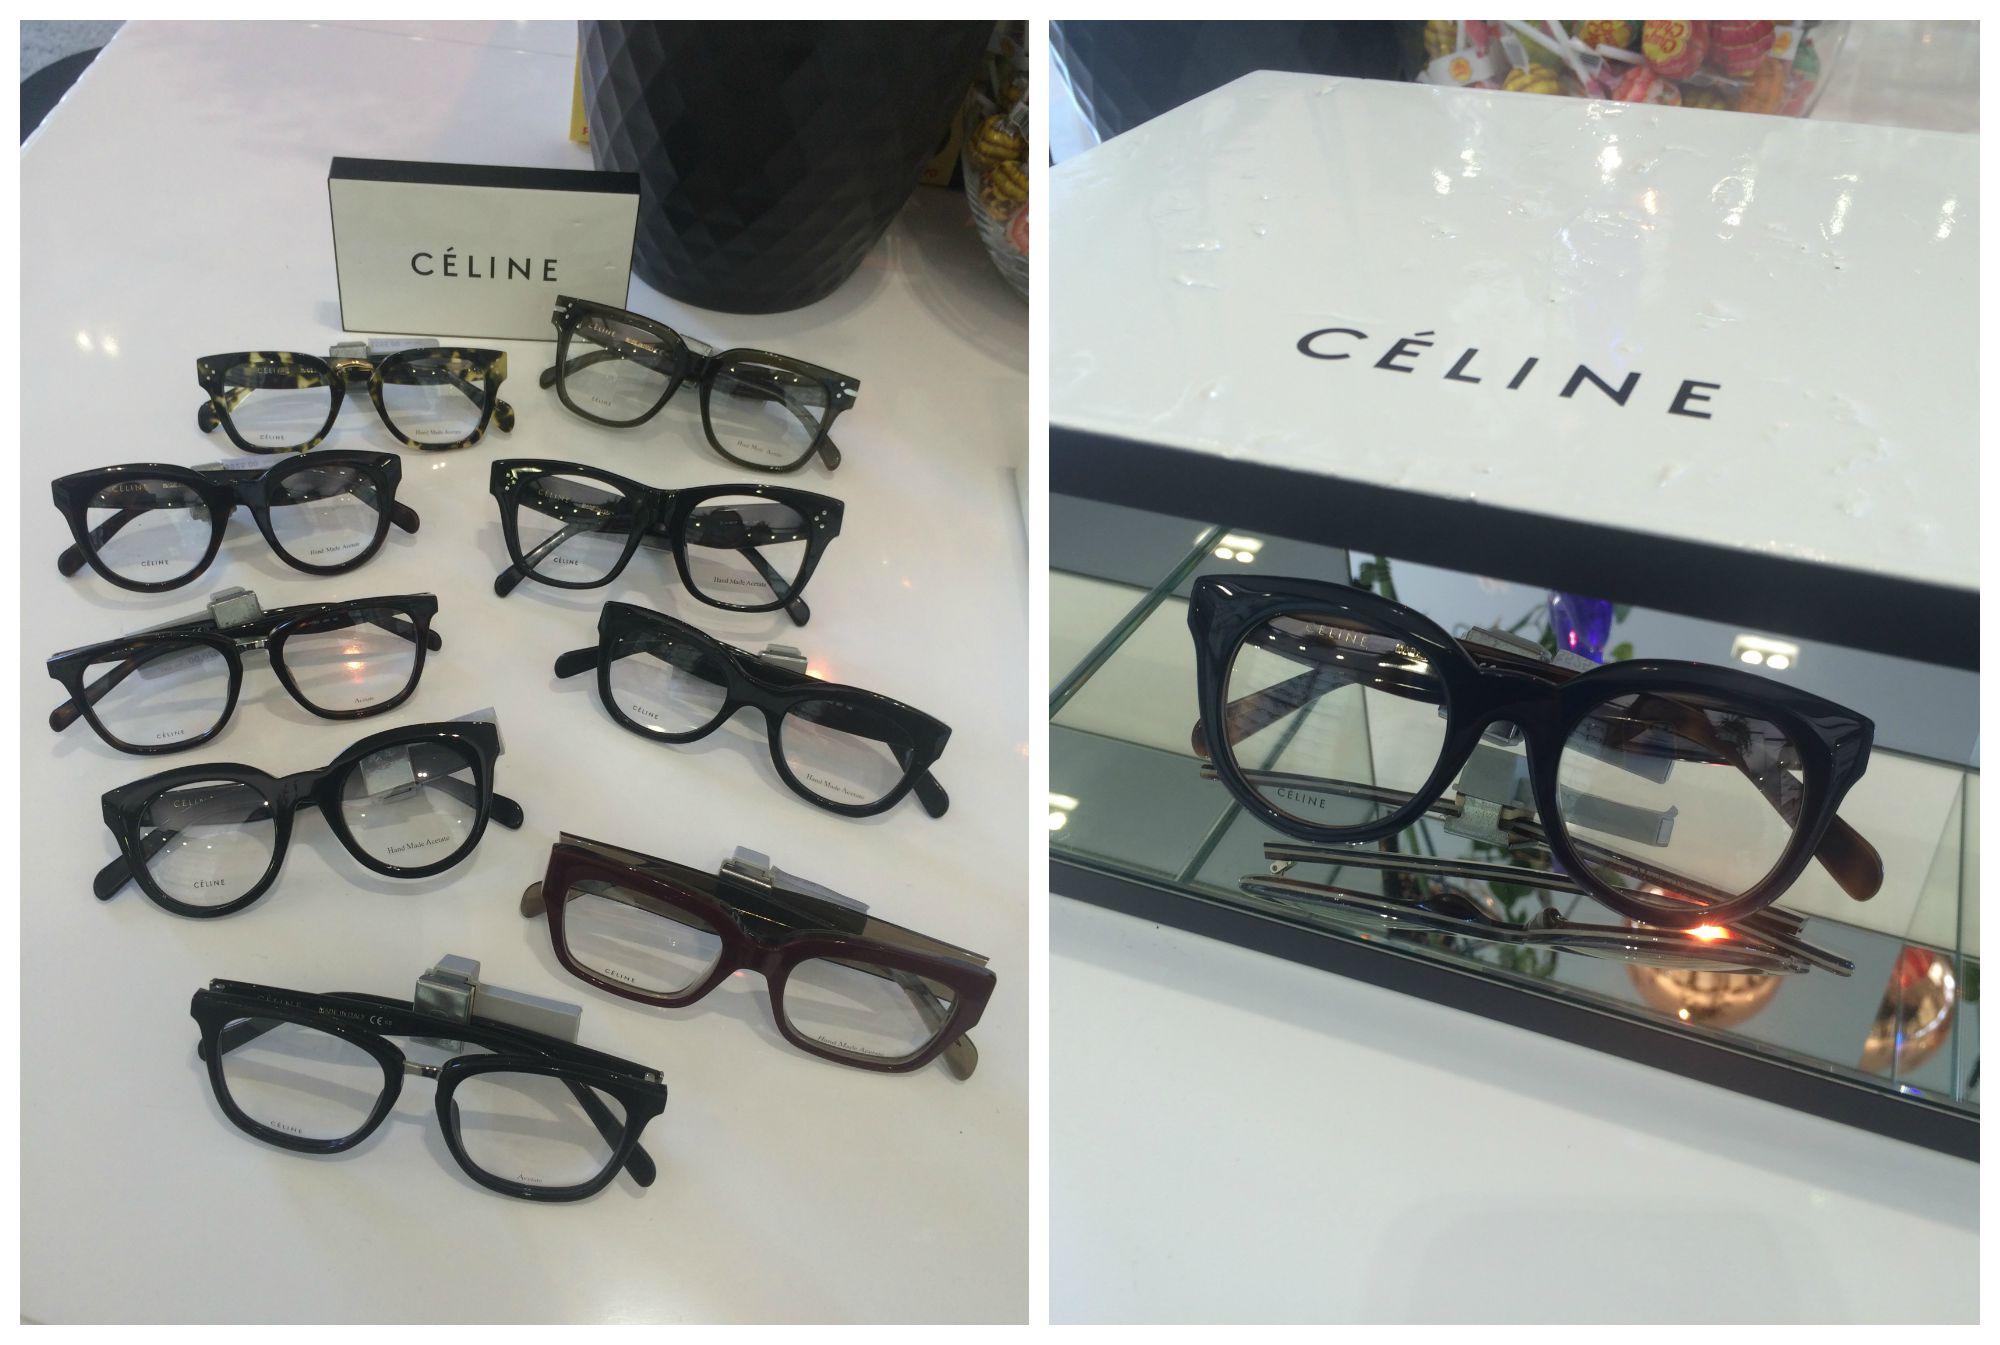 Celine frames at P&C